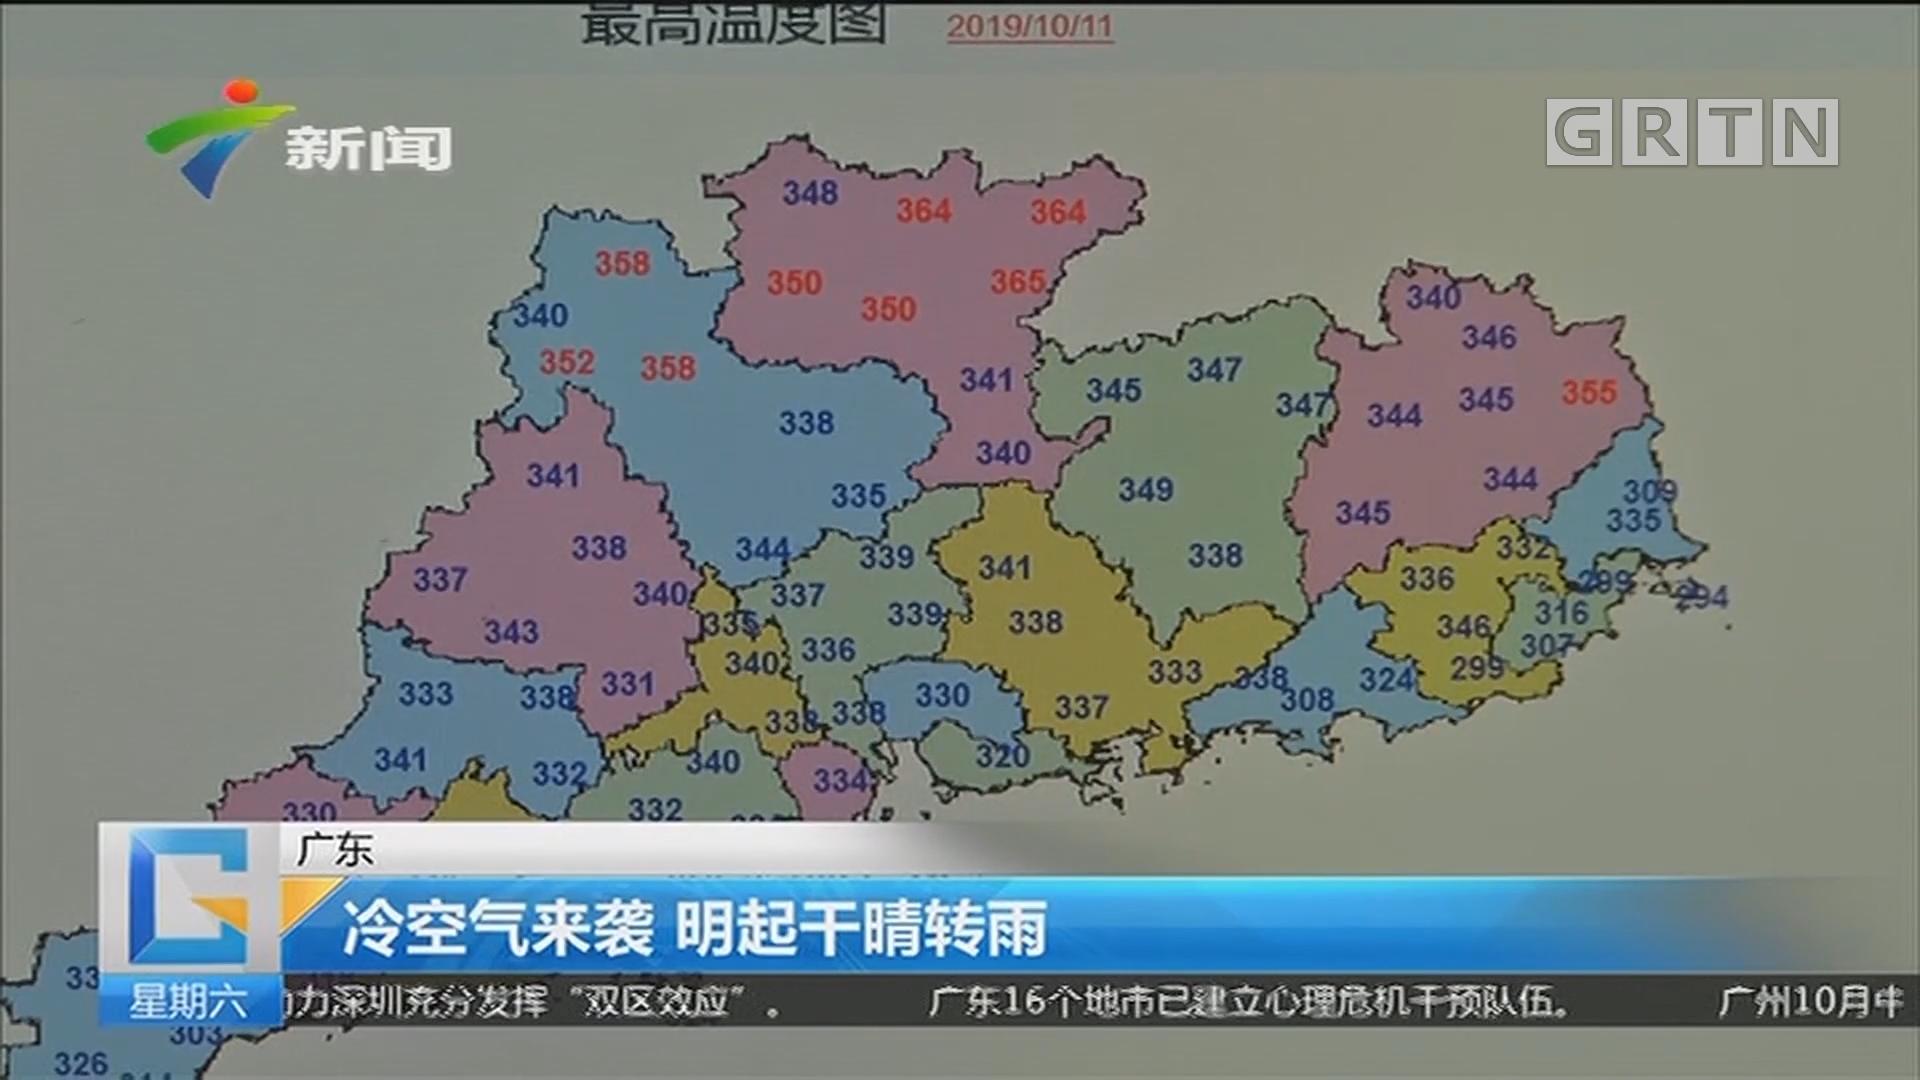 广东:冷空气来袭 明起干晴转雨